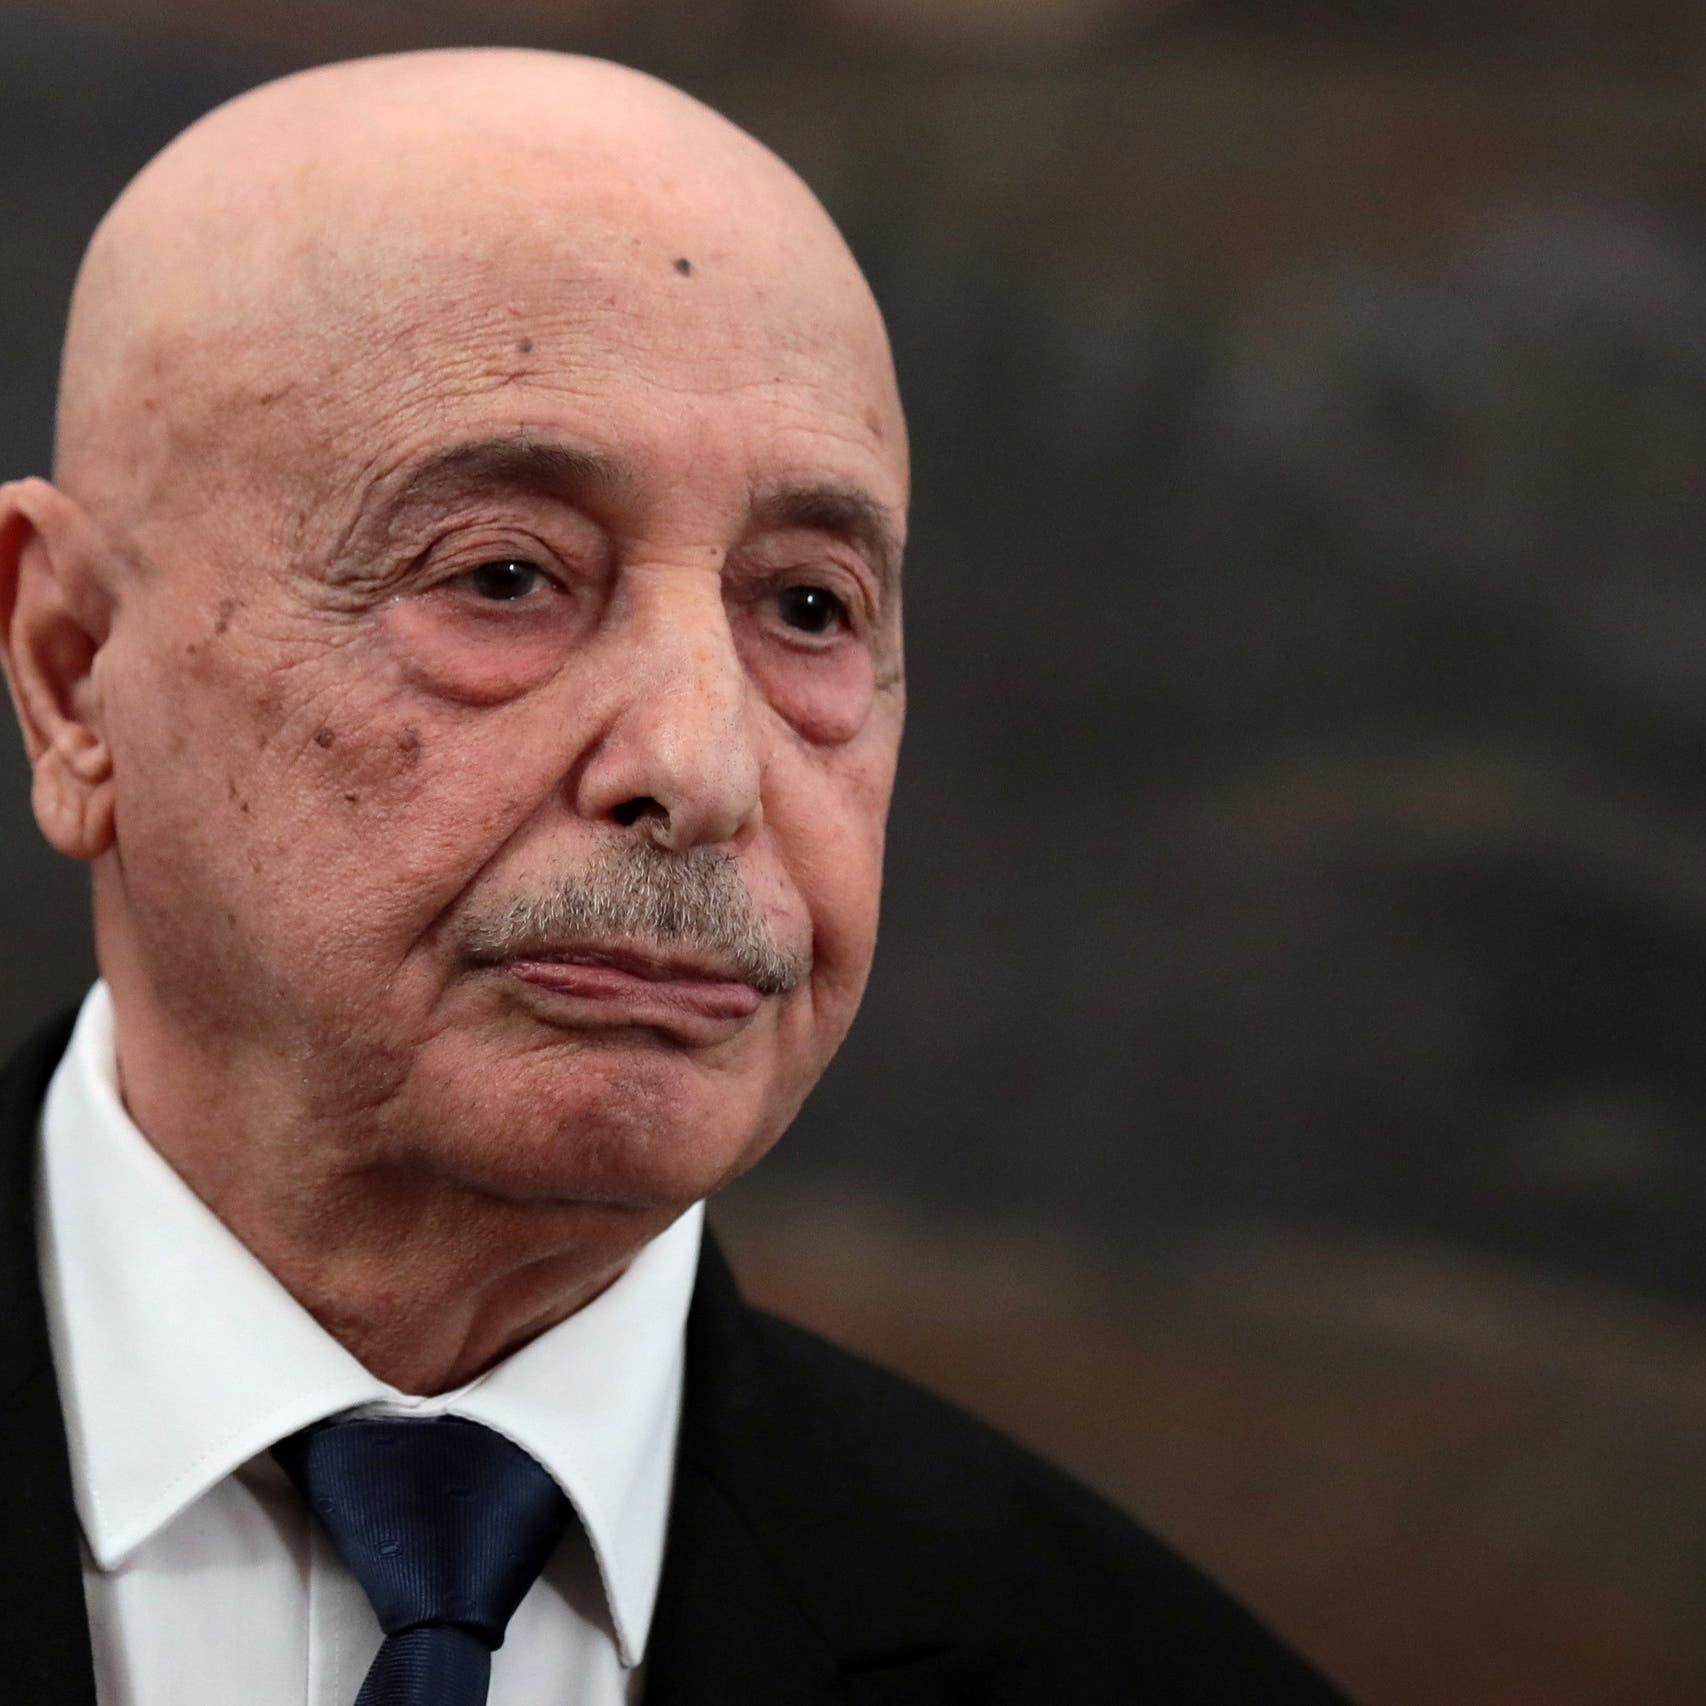 عقيلة صالح يؤكد: الانتخابات الرئاسية والبرلمانية في ليبيا بموعدها